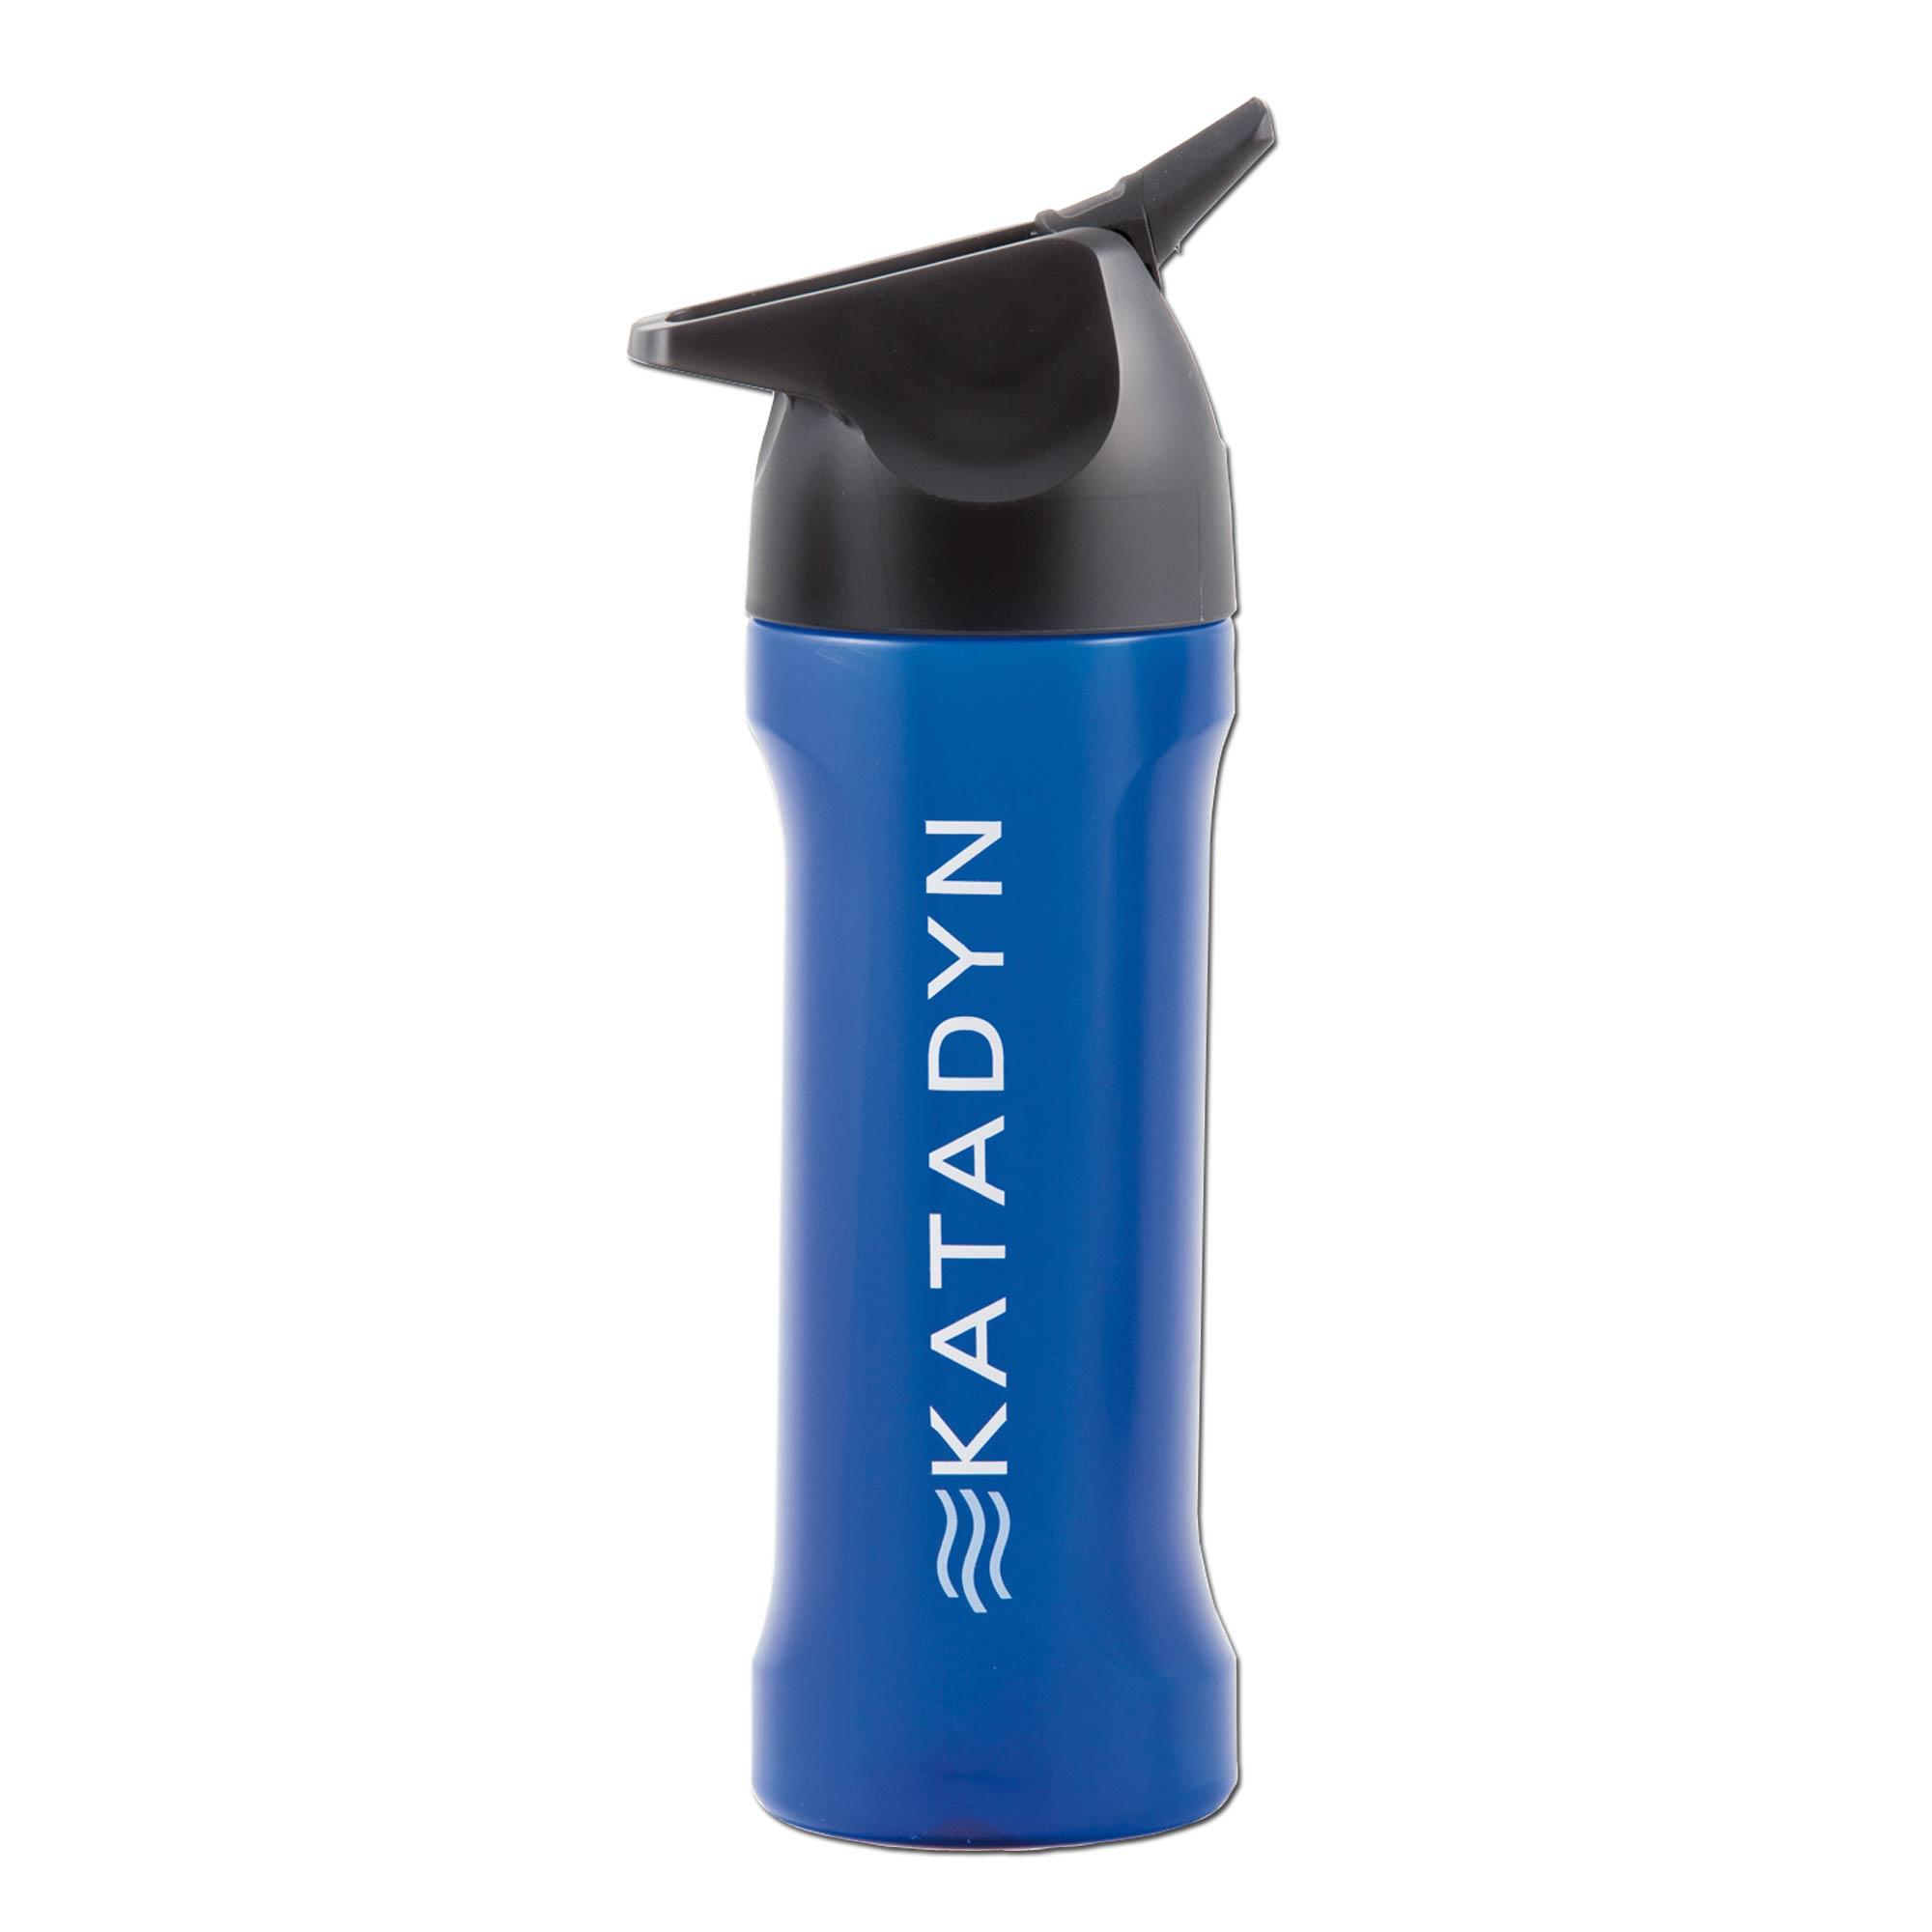 Wasserfilter Katadyn MyBottle blau